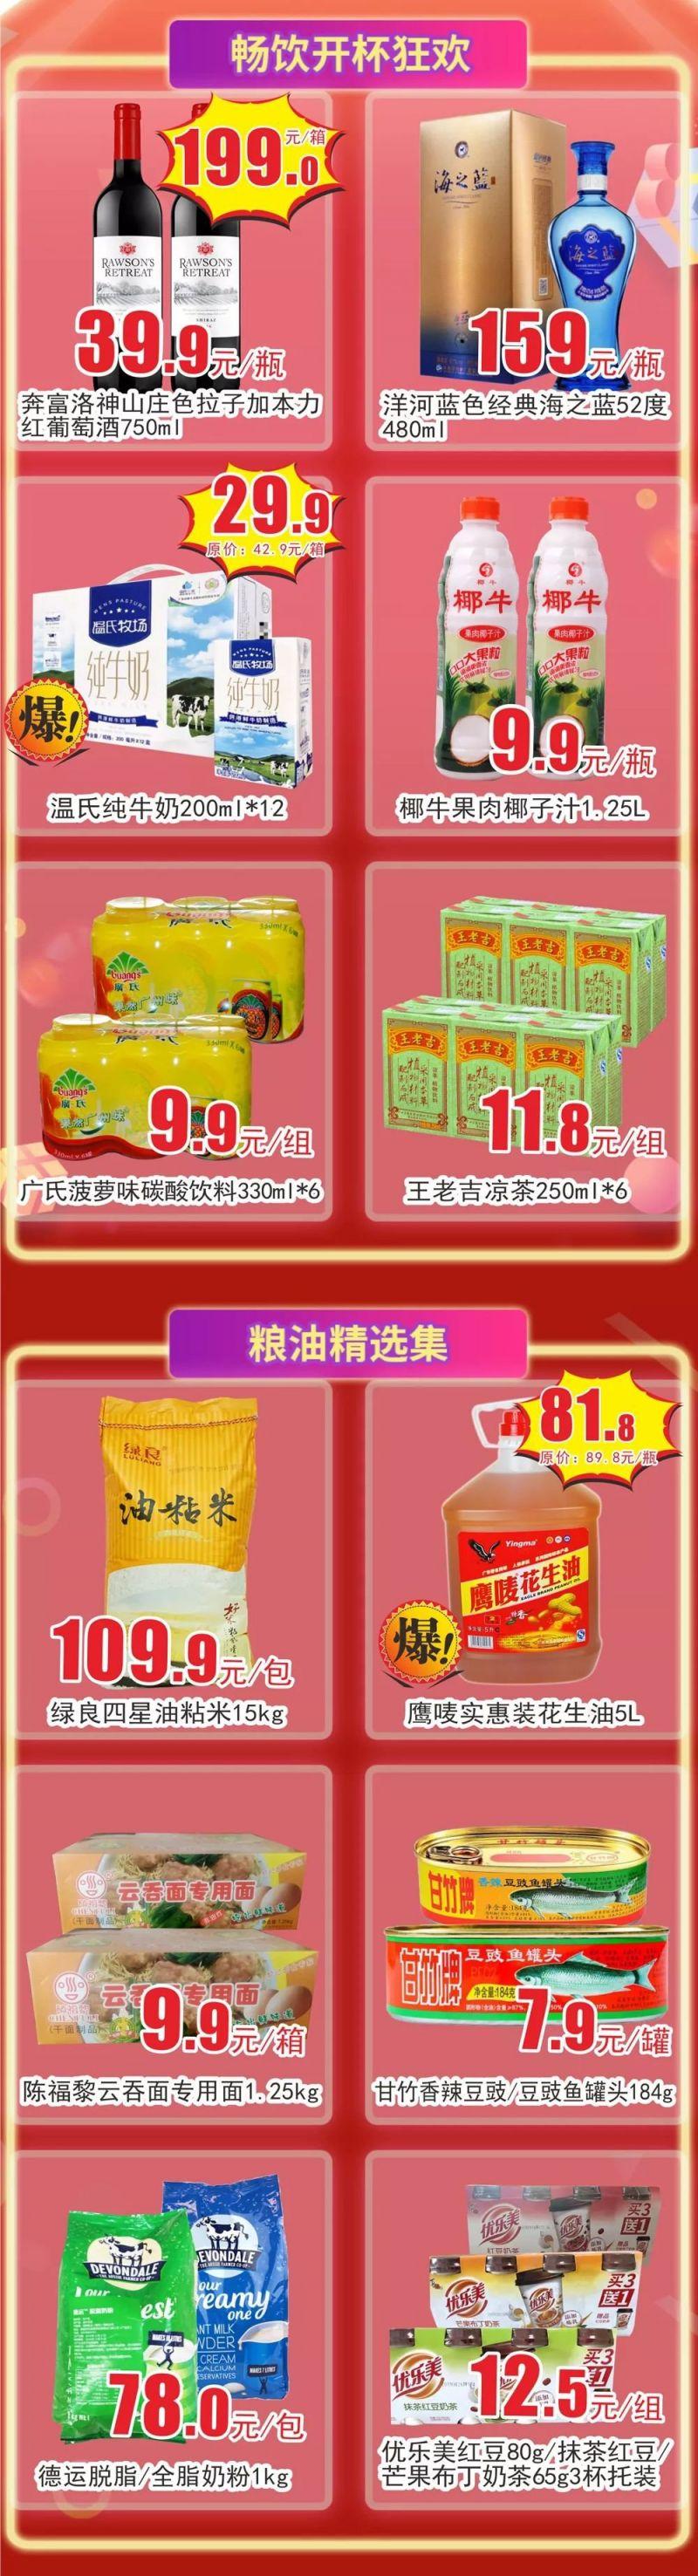 西亚兴安生活超市 | 双十二特惠活动来袭!